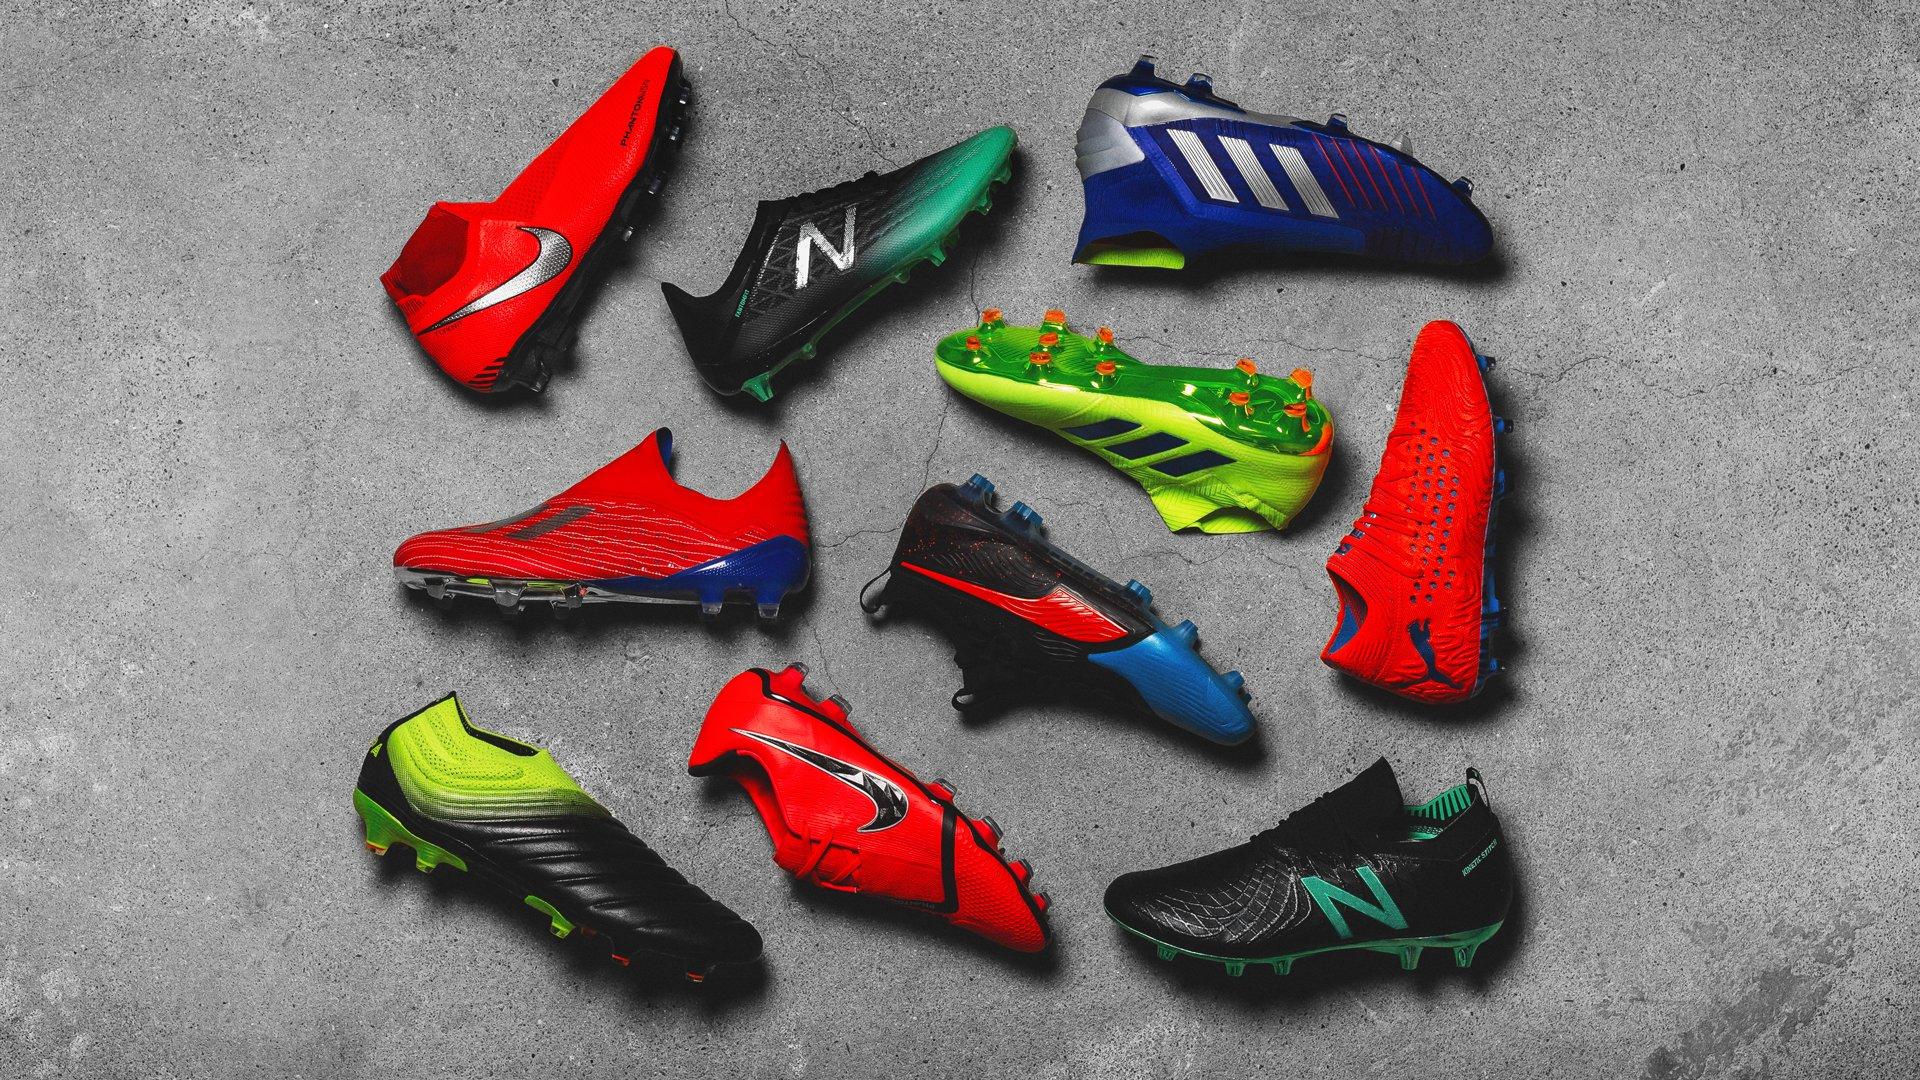 Nye fodboldstøvler | Se de seneste fodboldstøvler hos Unisport |